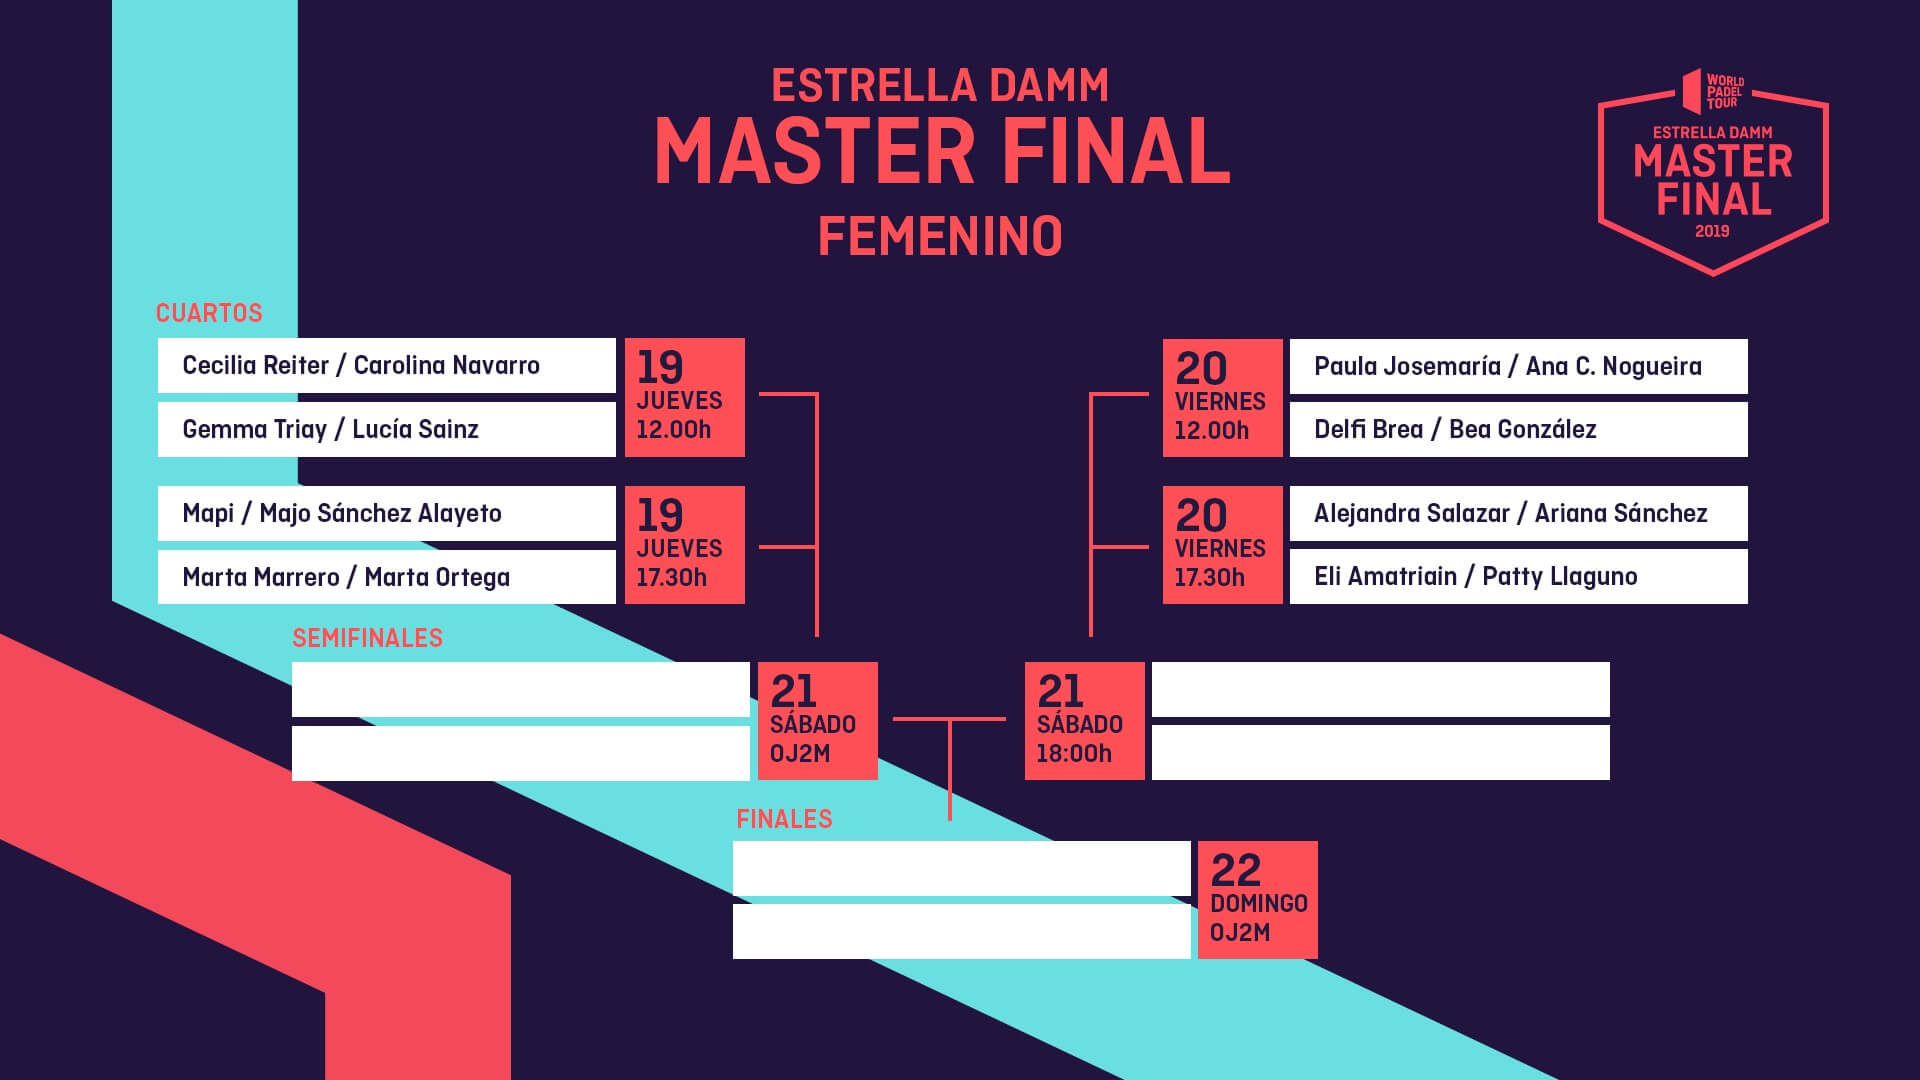 Cuadro final del Estrella Damm Barcelona Master Final en la categoría femenina